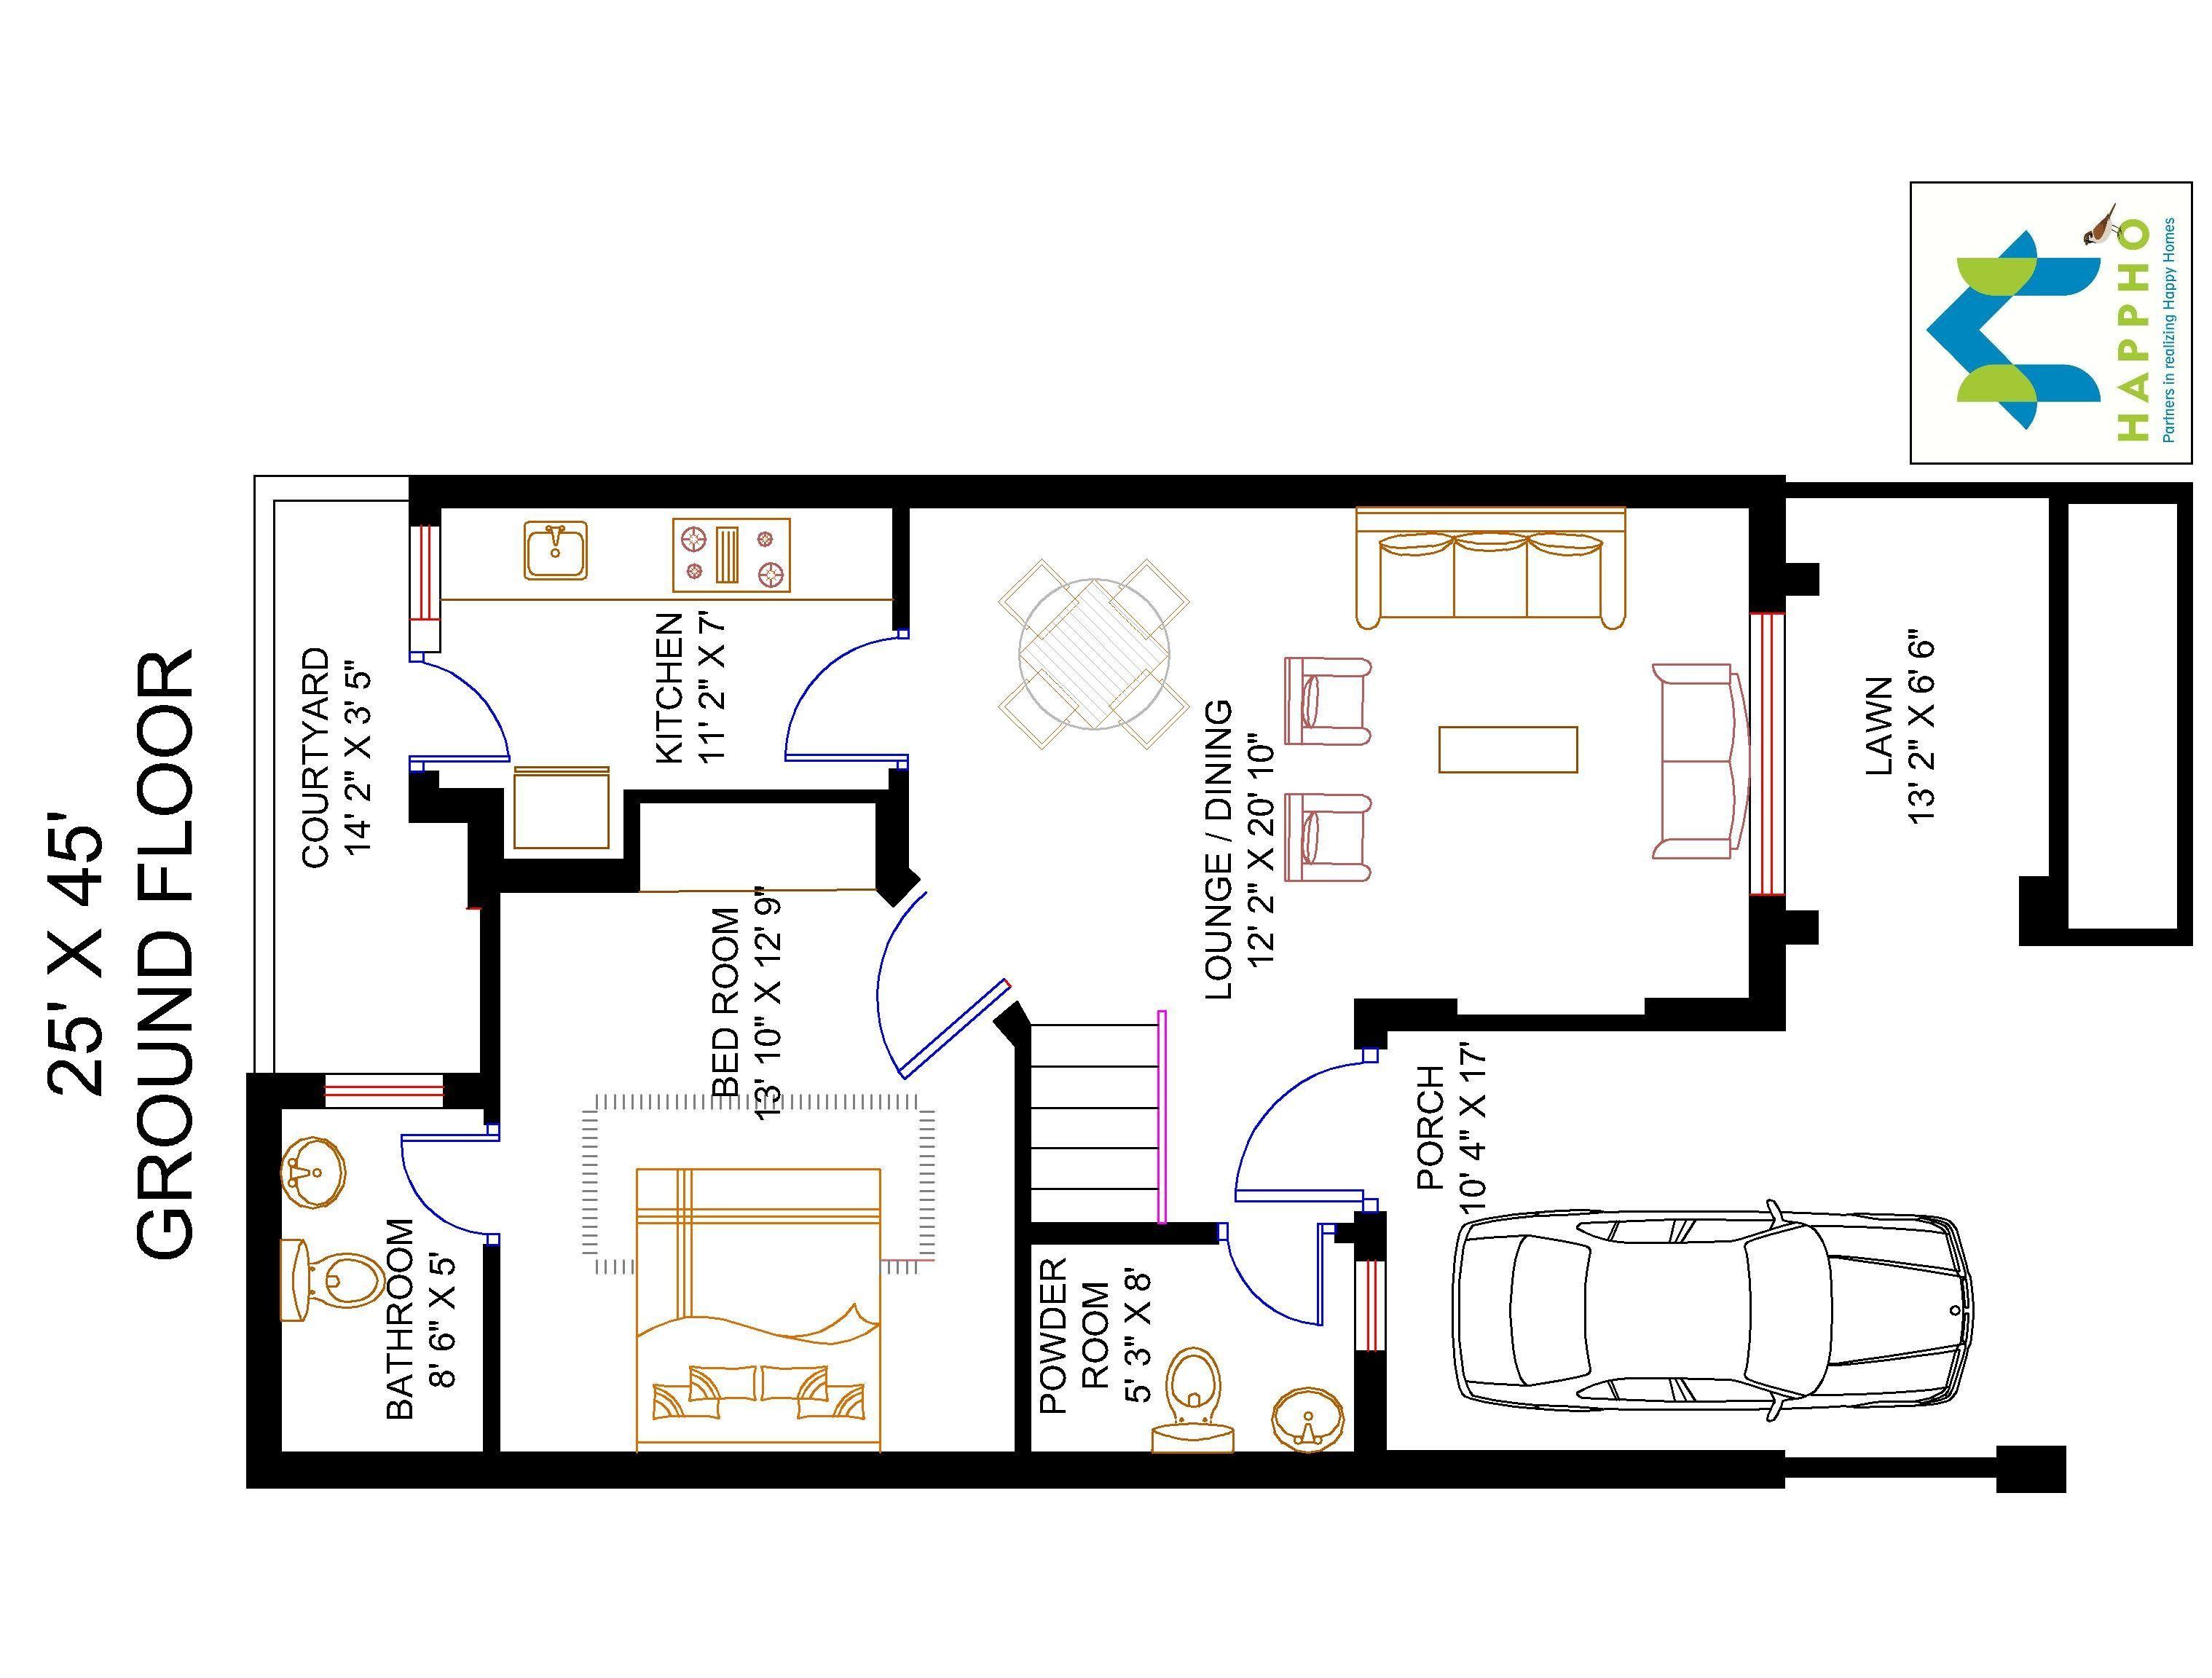 3037x2304 square feet floor, square yards, floor plan, duplex